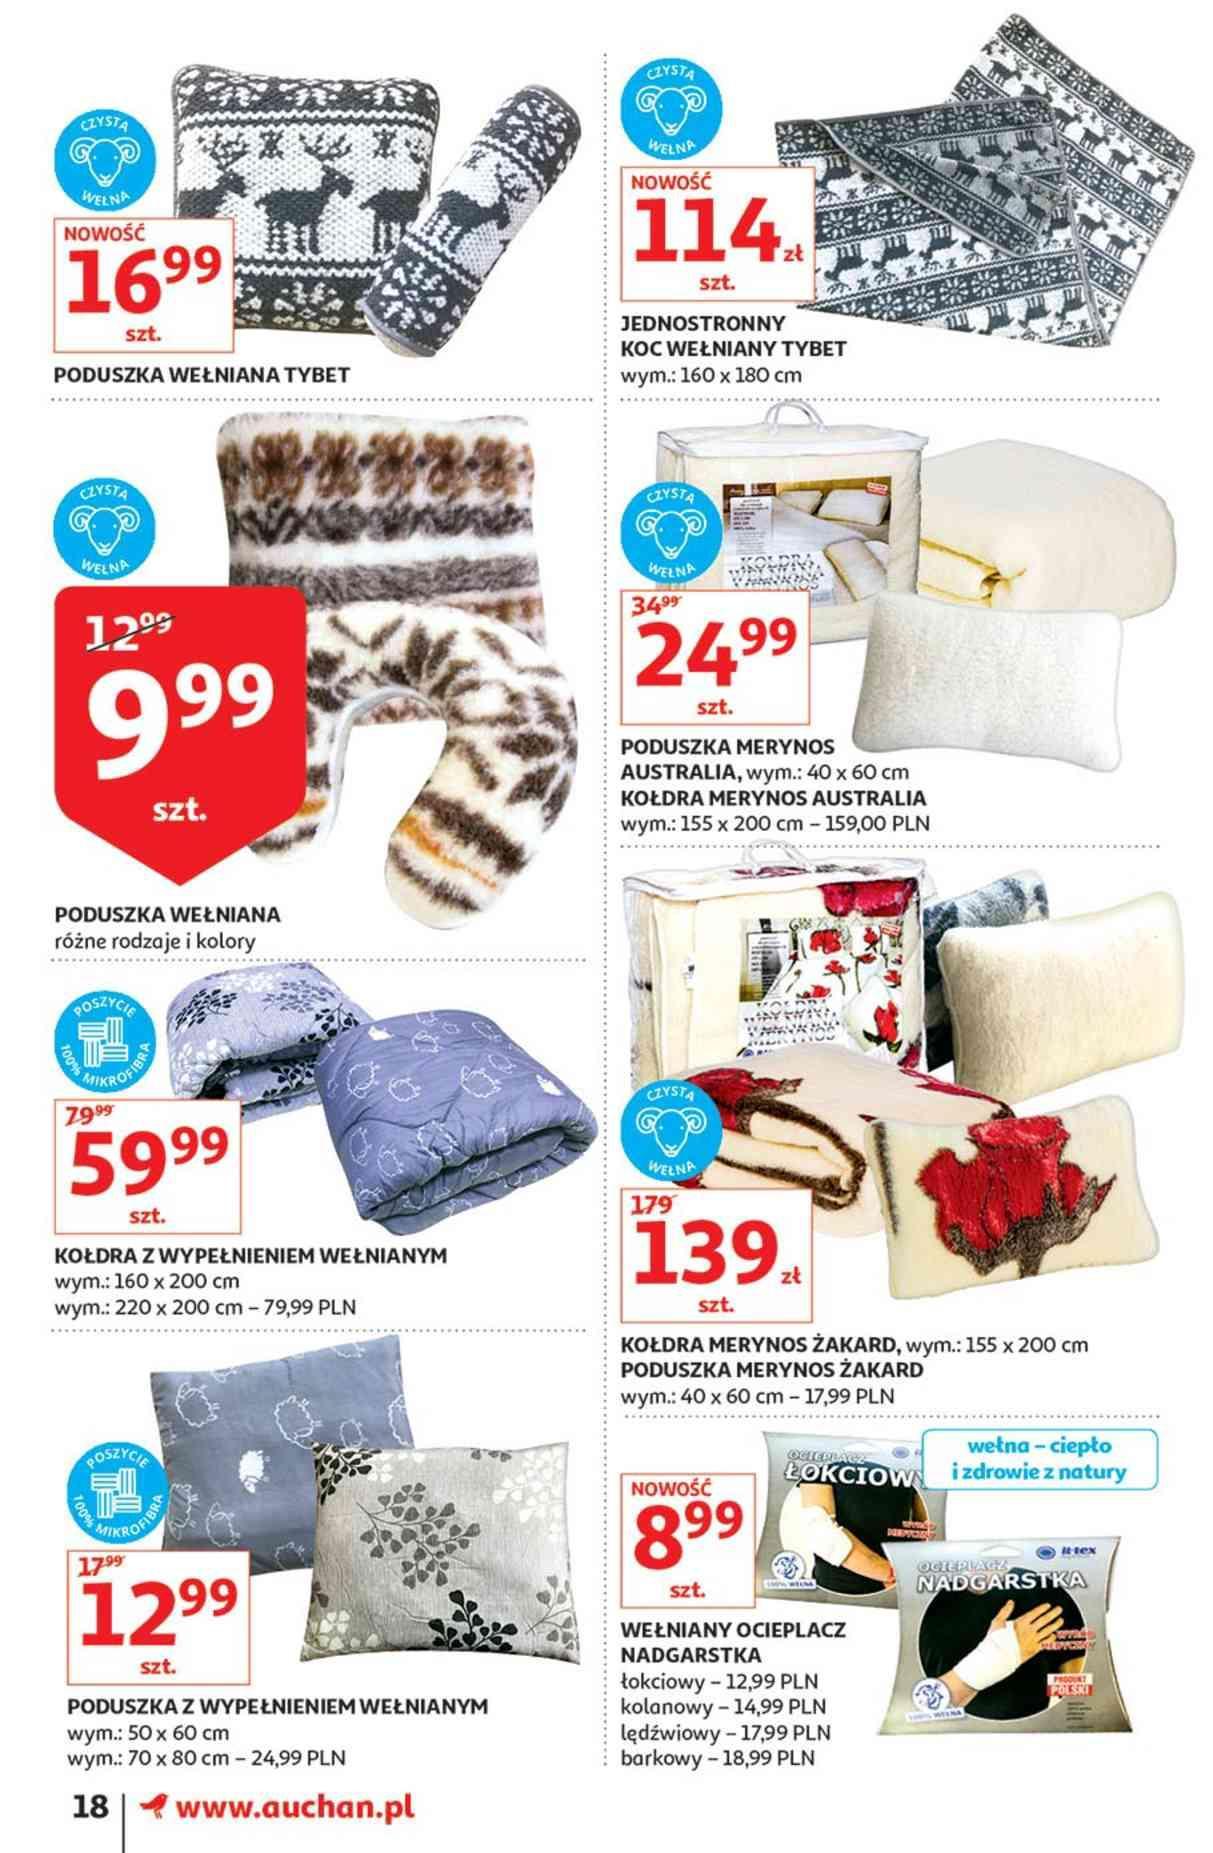 Gazetka promocyjna Auchan do 23/01/2019 str.18